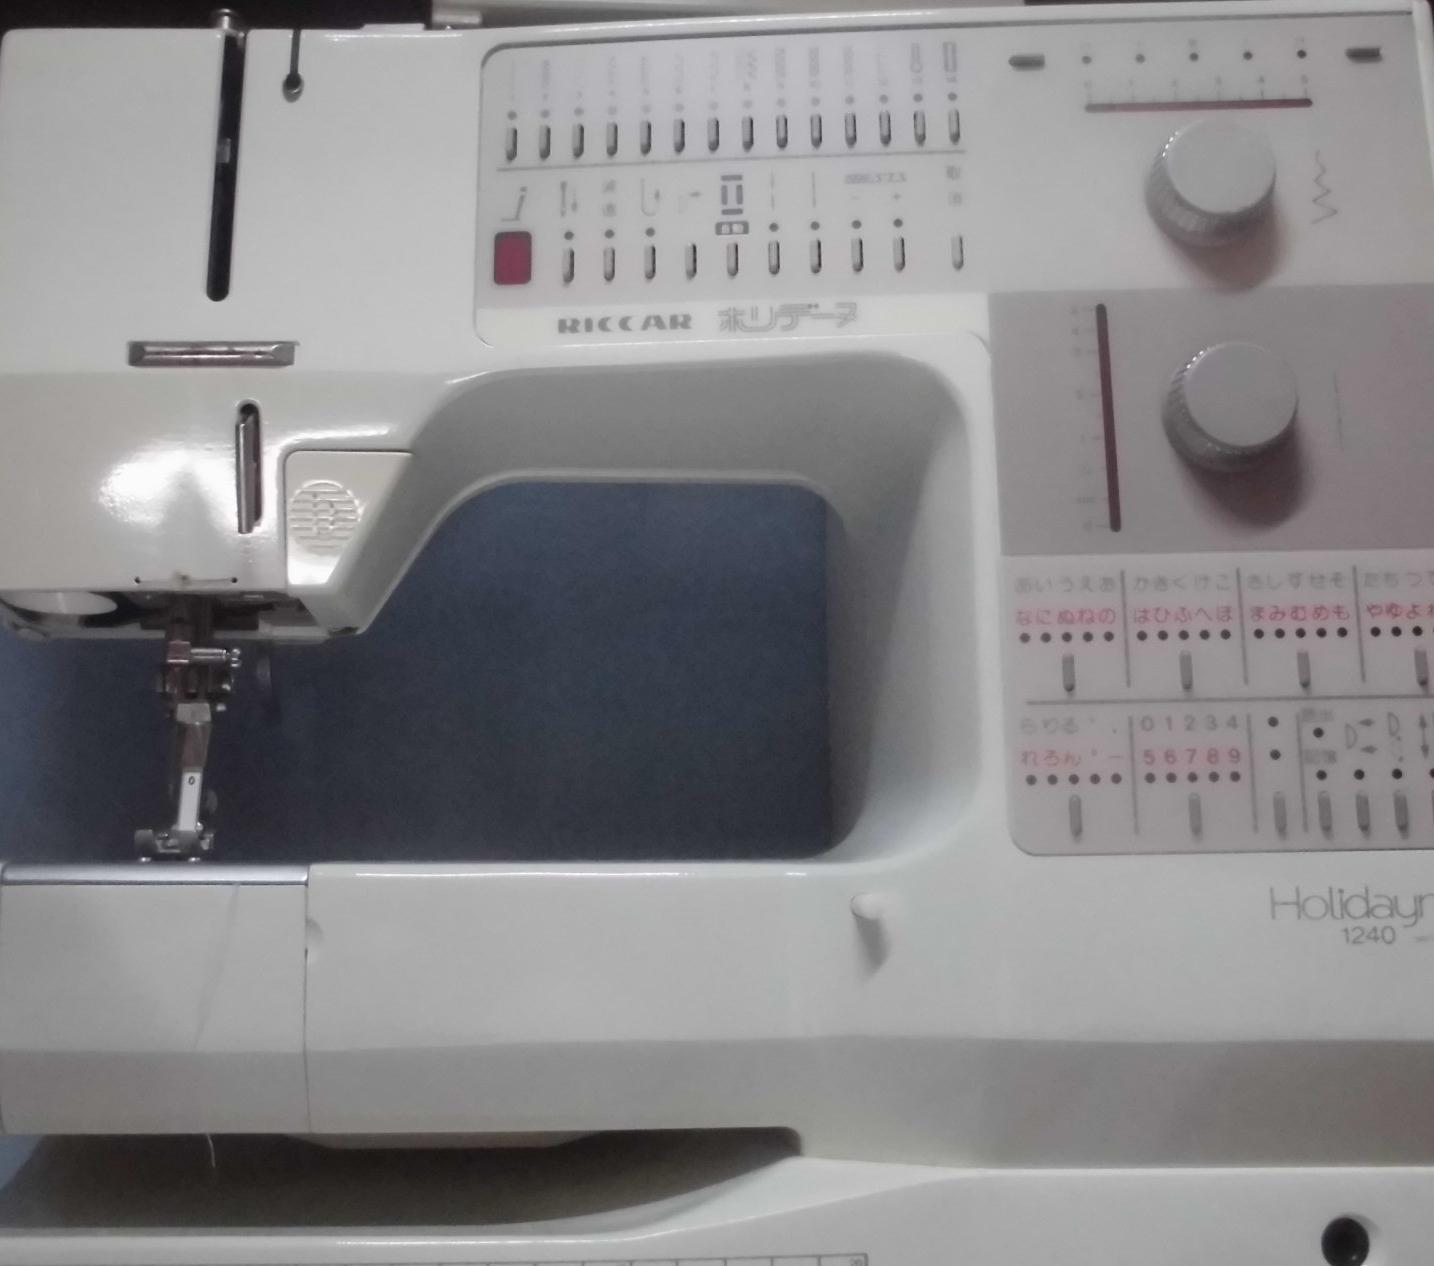 リッカーミシンの修理|ホリデーヌ1240|ライトが点かない、返し縫いしない